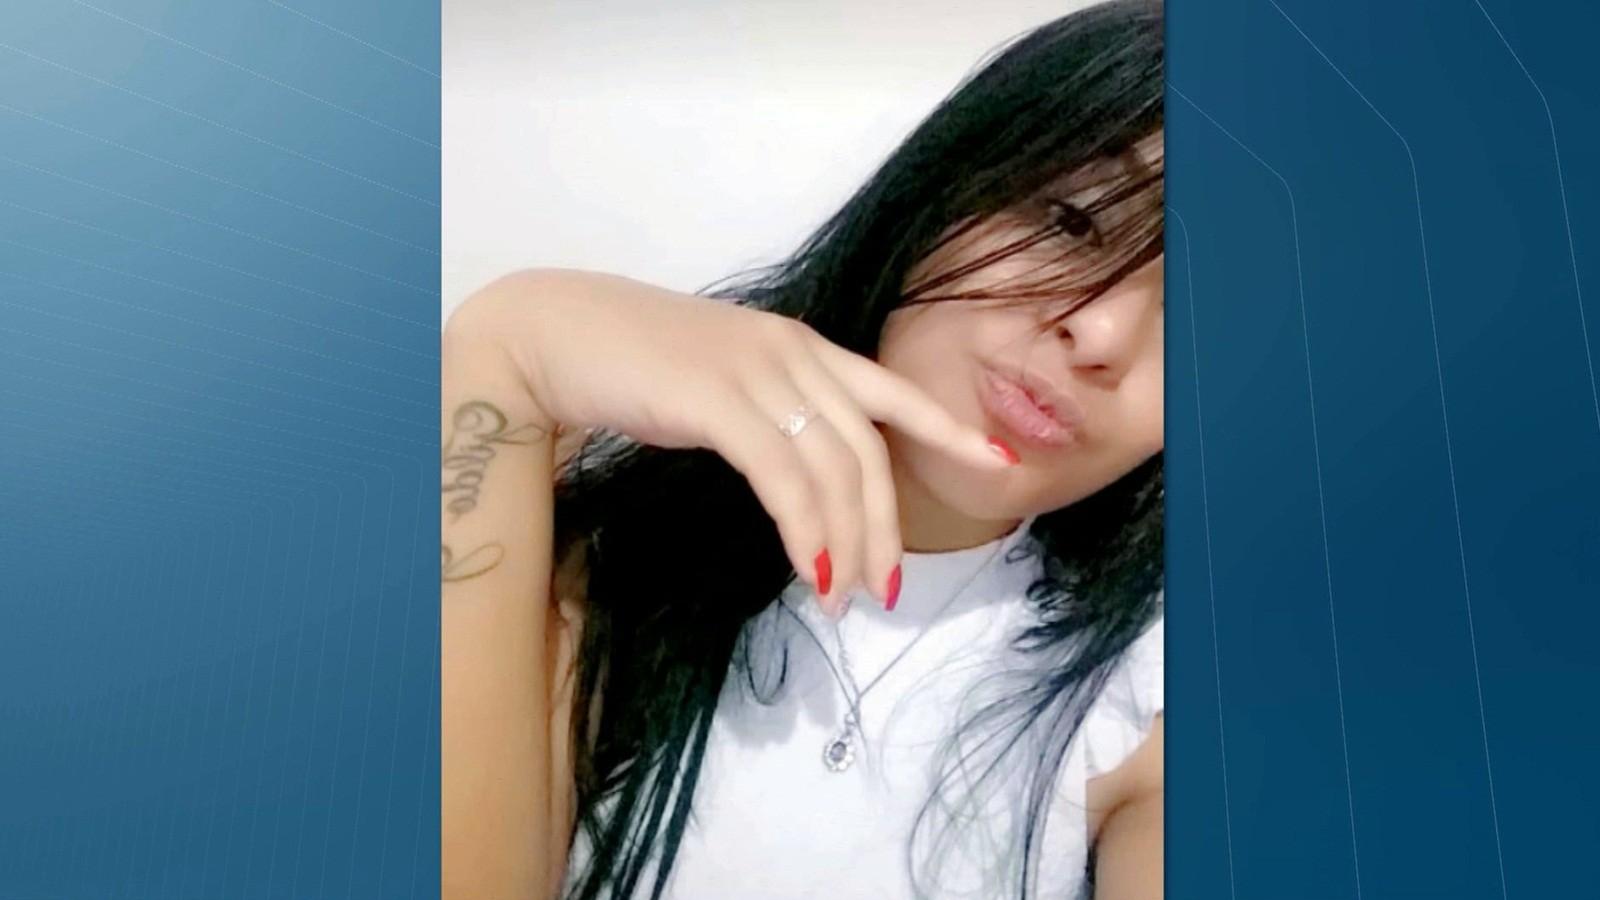 Acusado de matar namorada asfixiada é condenado a 18 anos de prisão, na Paraíba - Notícias - Plantão Diário